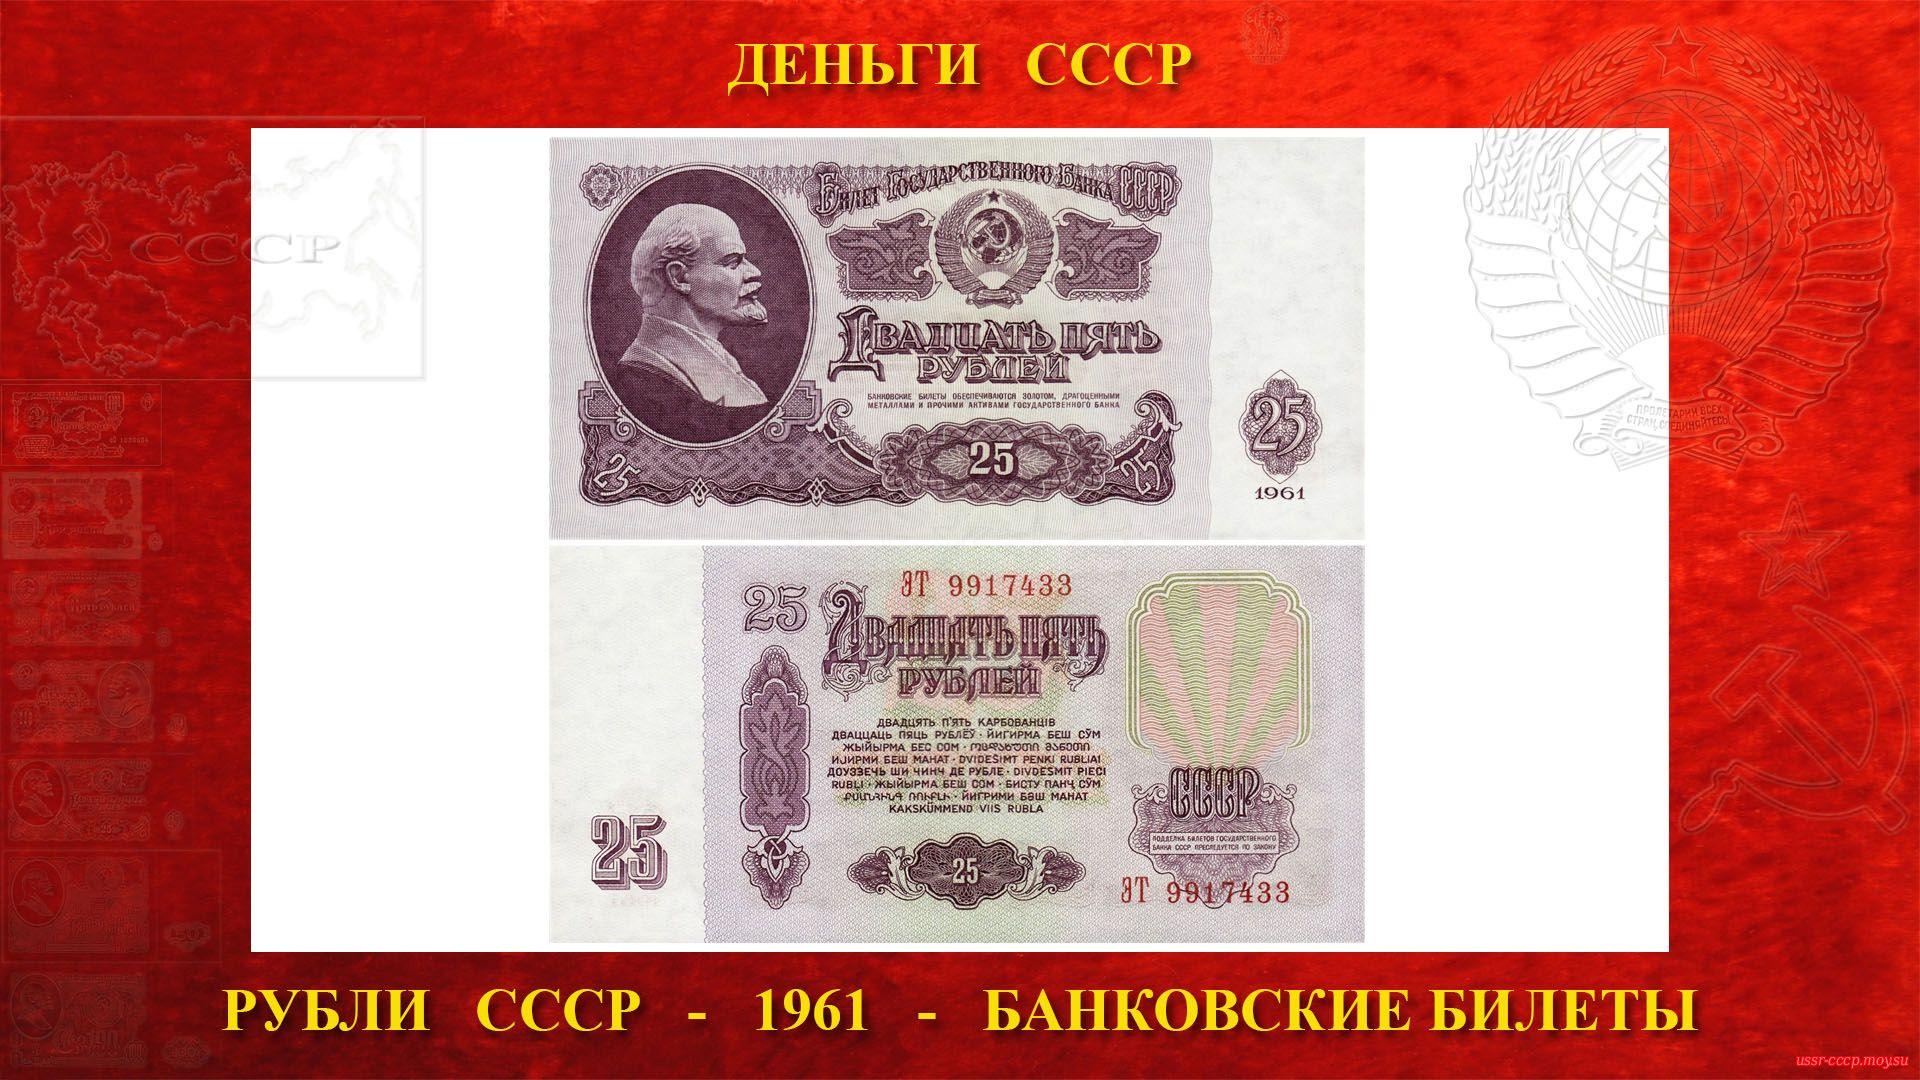 Двадцать пять (25) рублей СССР — Образца 1961 года (повествование)